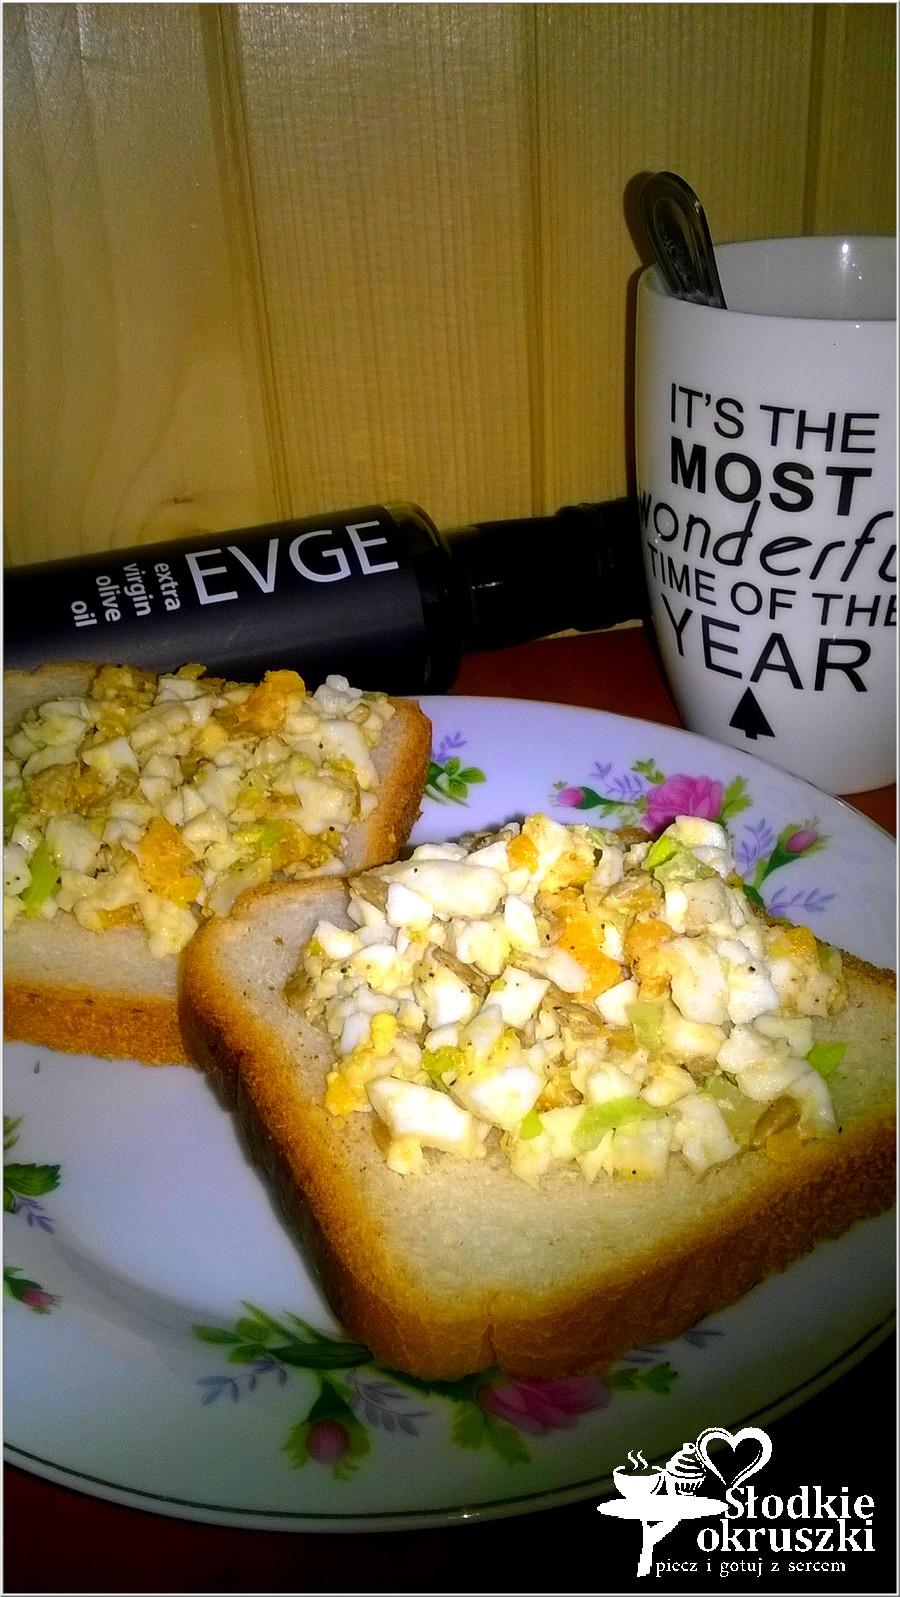 Zdrowa pasta kanapkowa ze słonecznikiem i oliwą z oliwek (2)